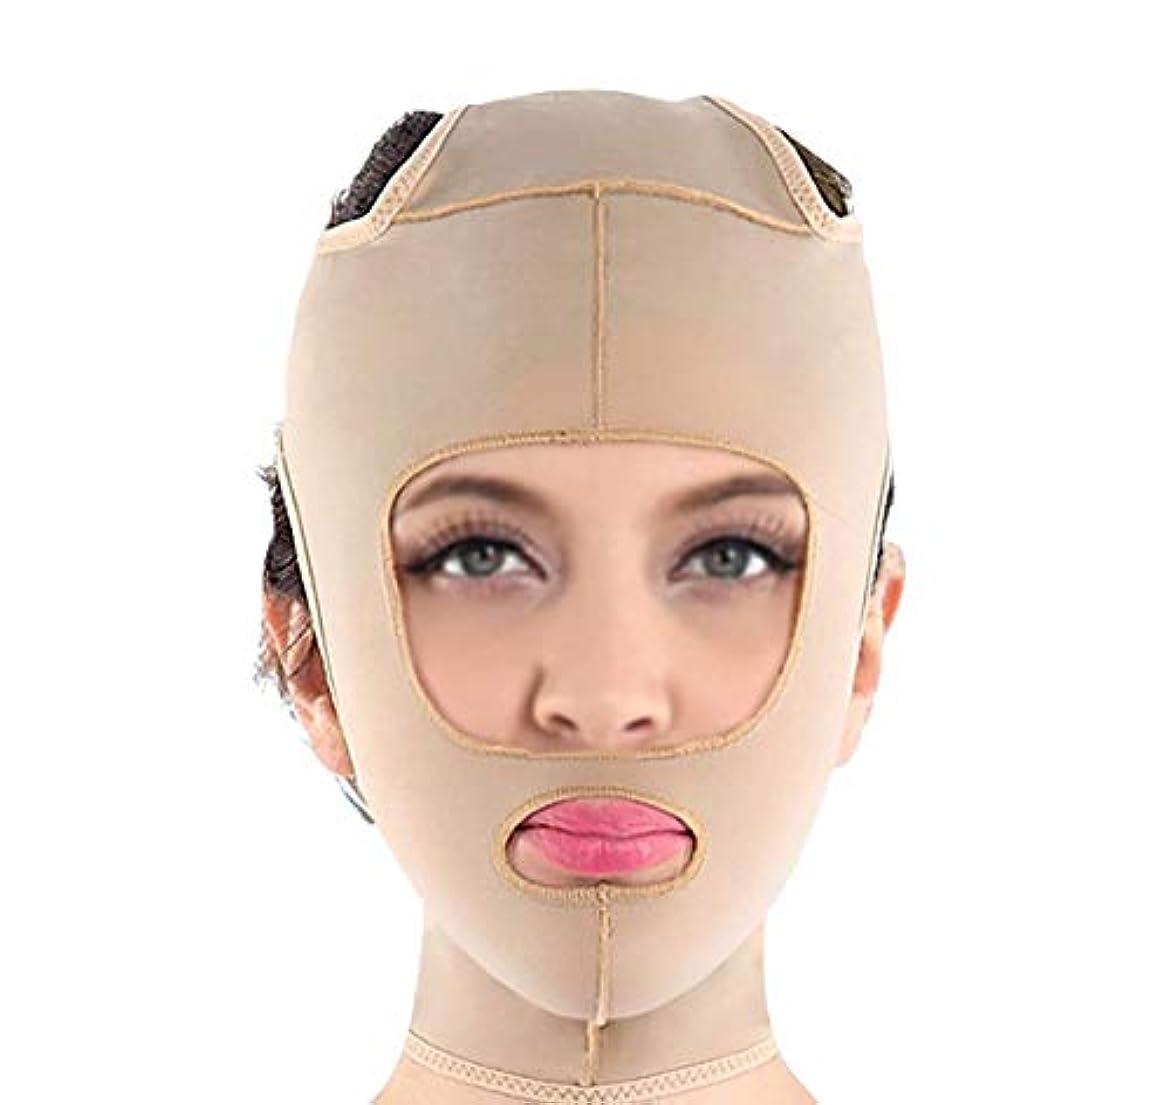 ピューパターン梨包帯vフェイス楽器フェイスマスクマジックフェイスフェイシャル引き締めフェイシャルマッサージフェイシャルリンクルリフティング引き締めプラスチックマスク(サイズ:Xl),Xl